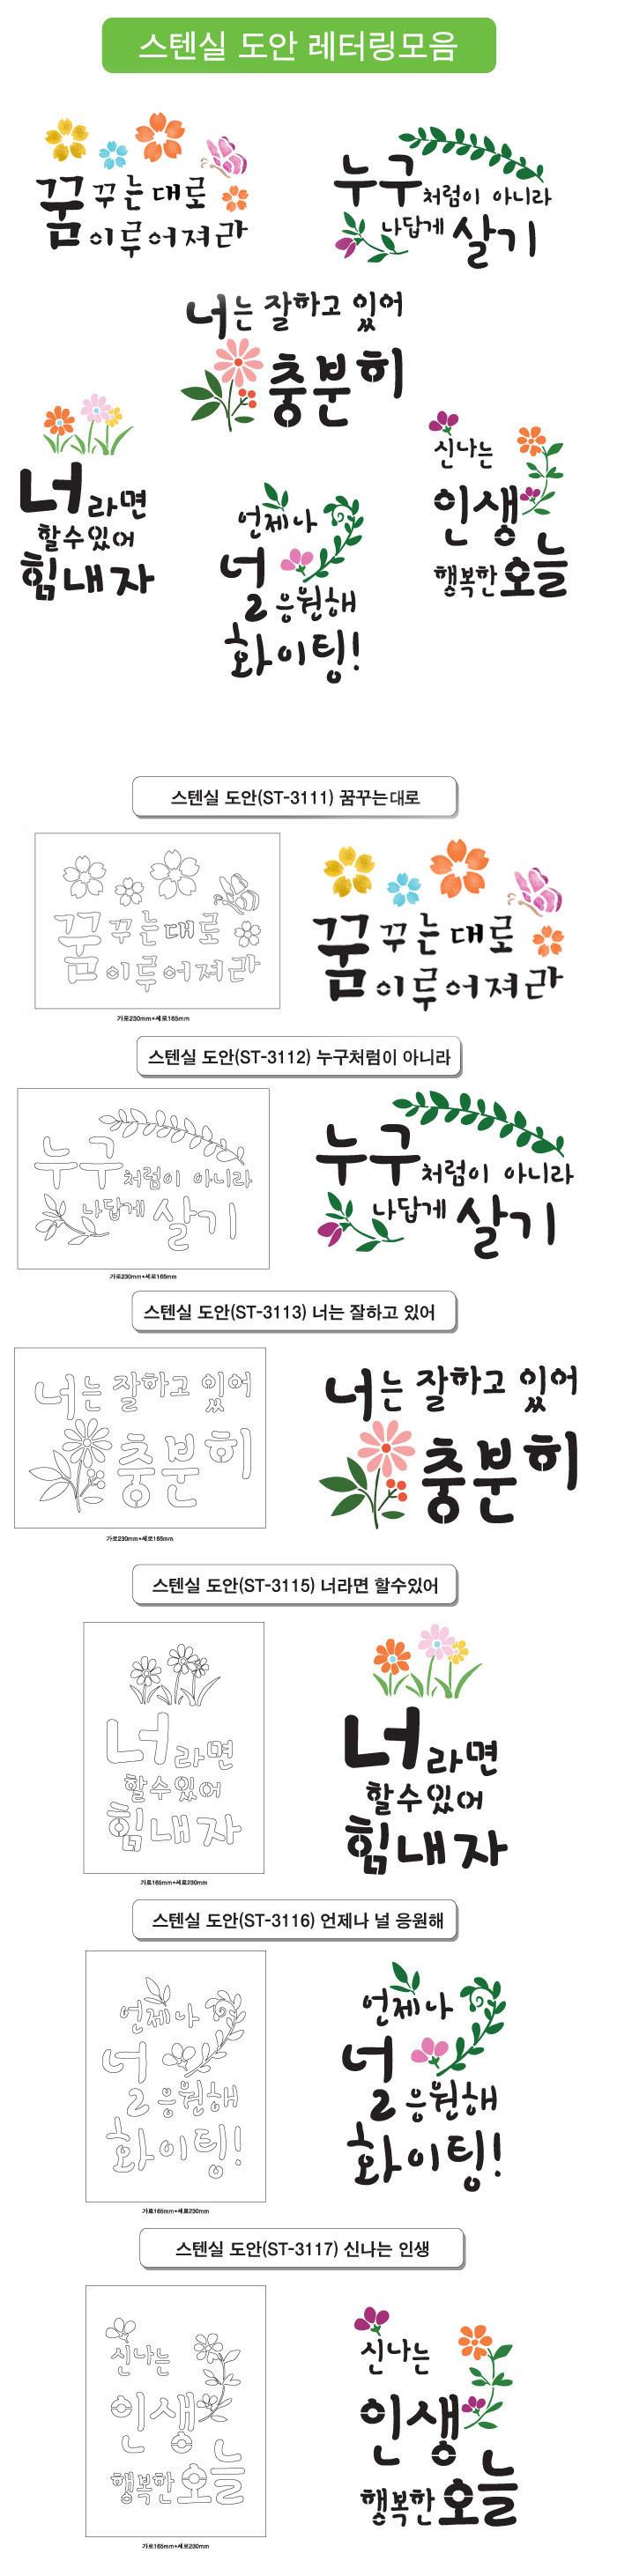 스텐실 도안 레터링 6종모음 - 대문닷컴, 3,800원, 스텐실, 스텐실도안